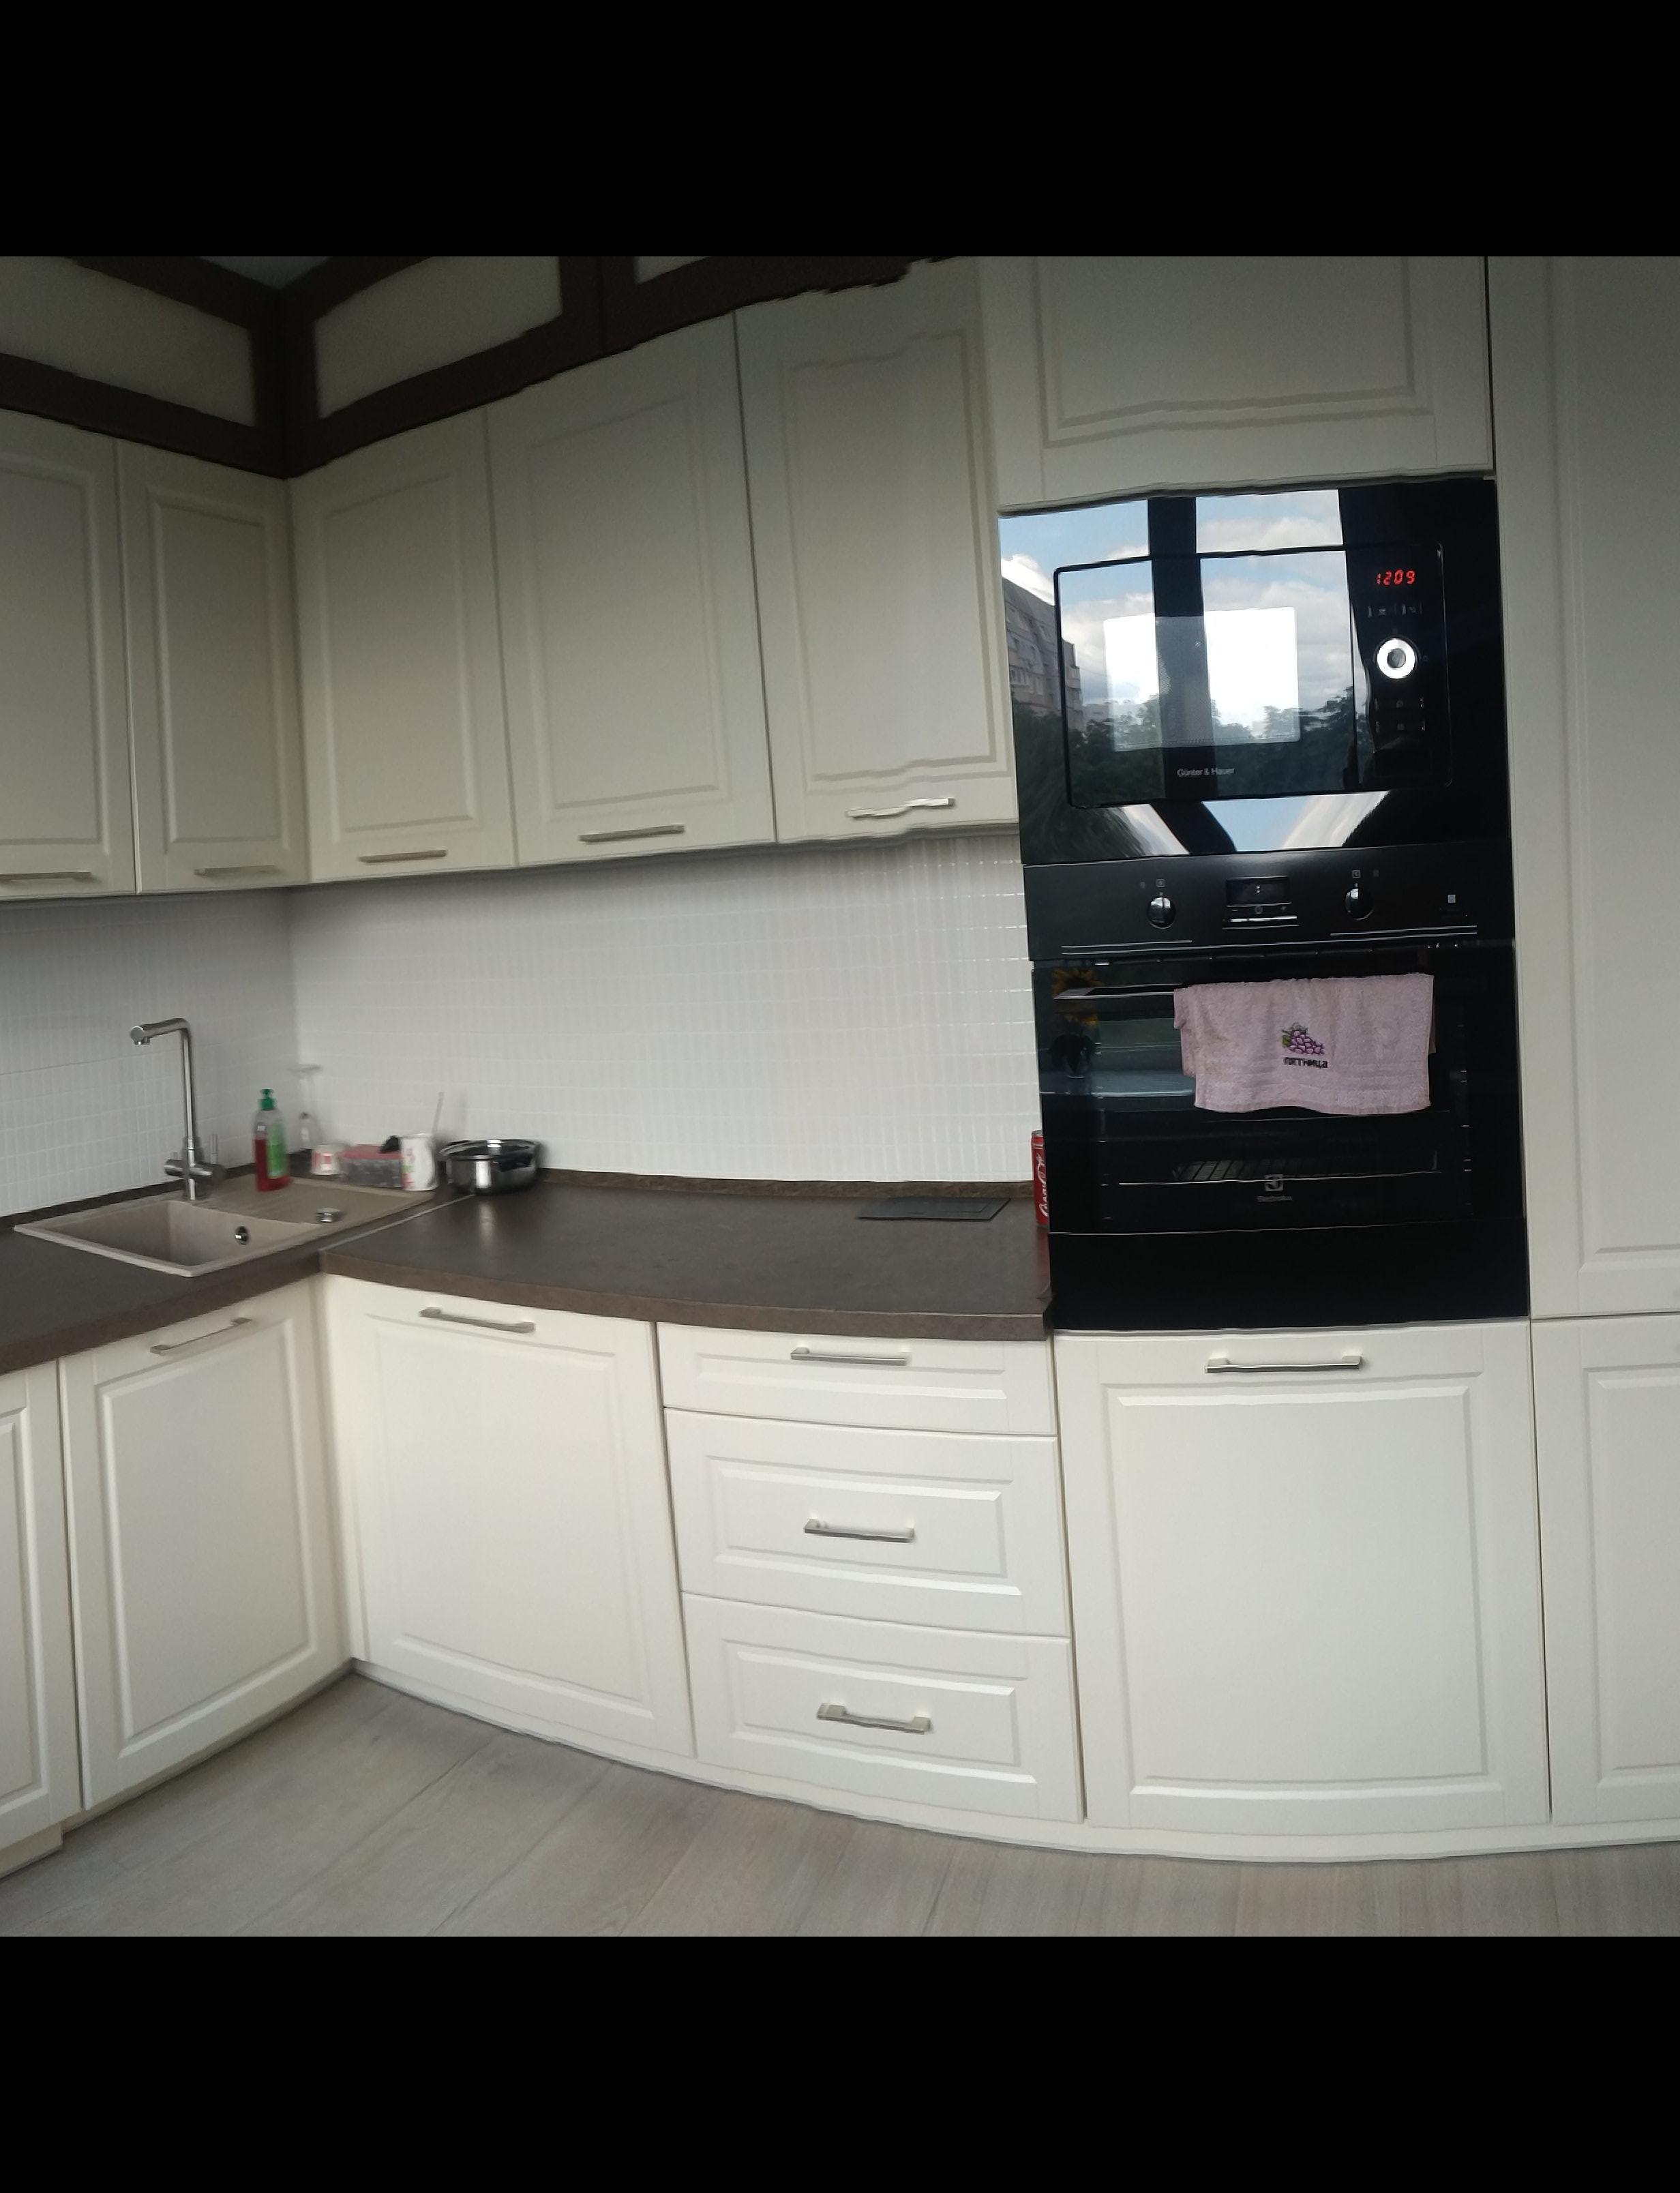 Фото Мытьё фасадов и поверхностей кухни